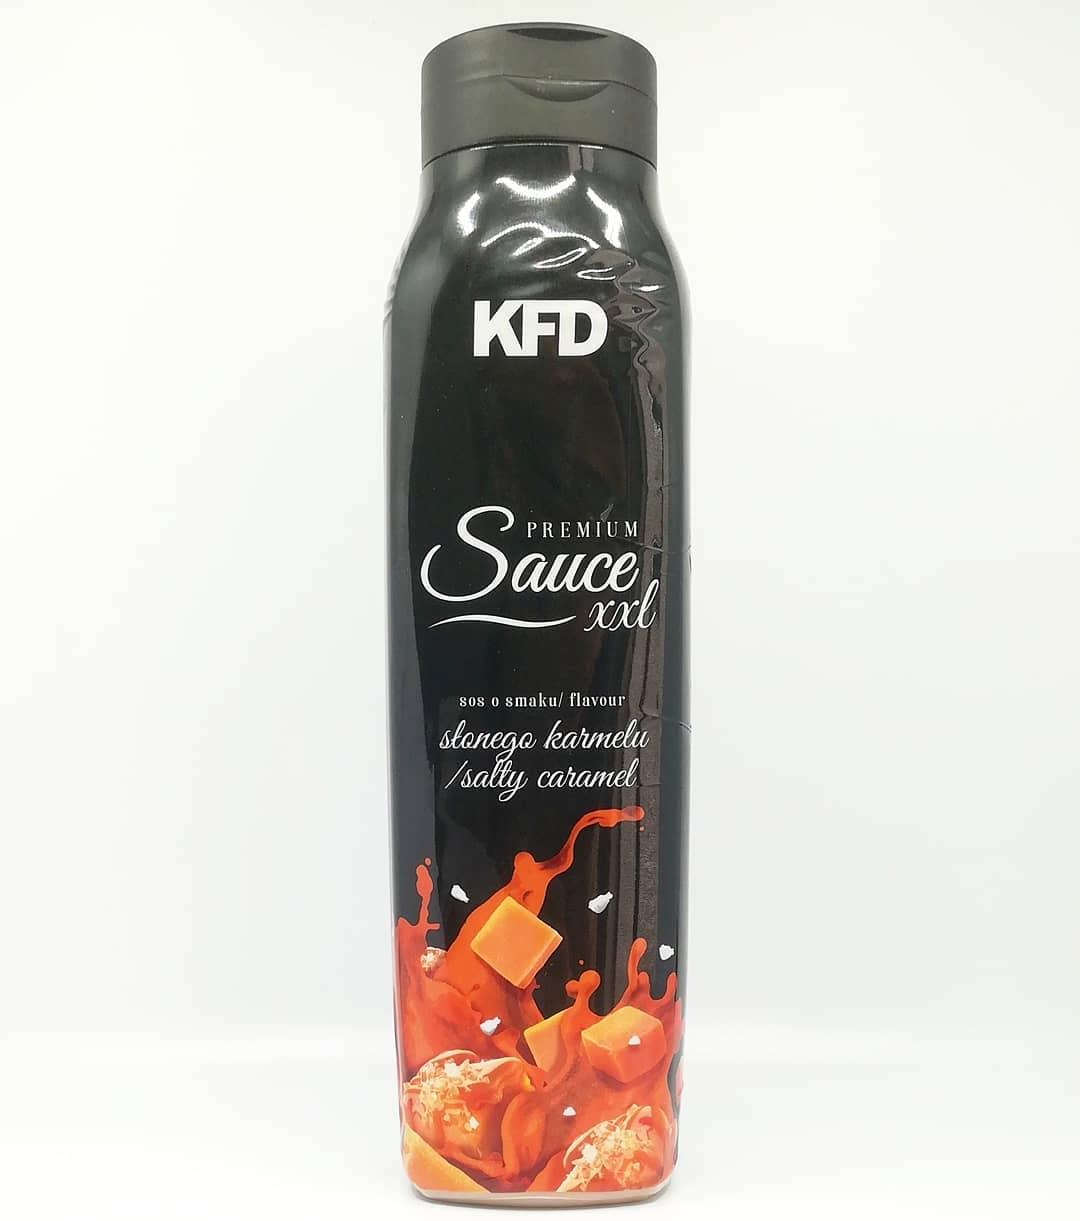 KFD Premium Sauce XXL Salty Caramel – lepszy niż klasyczny?